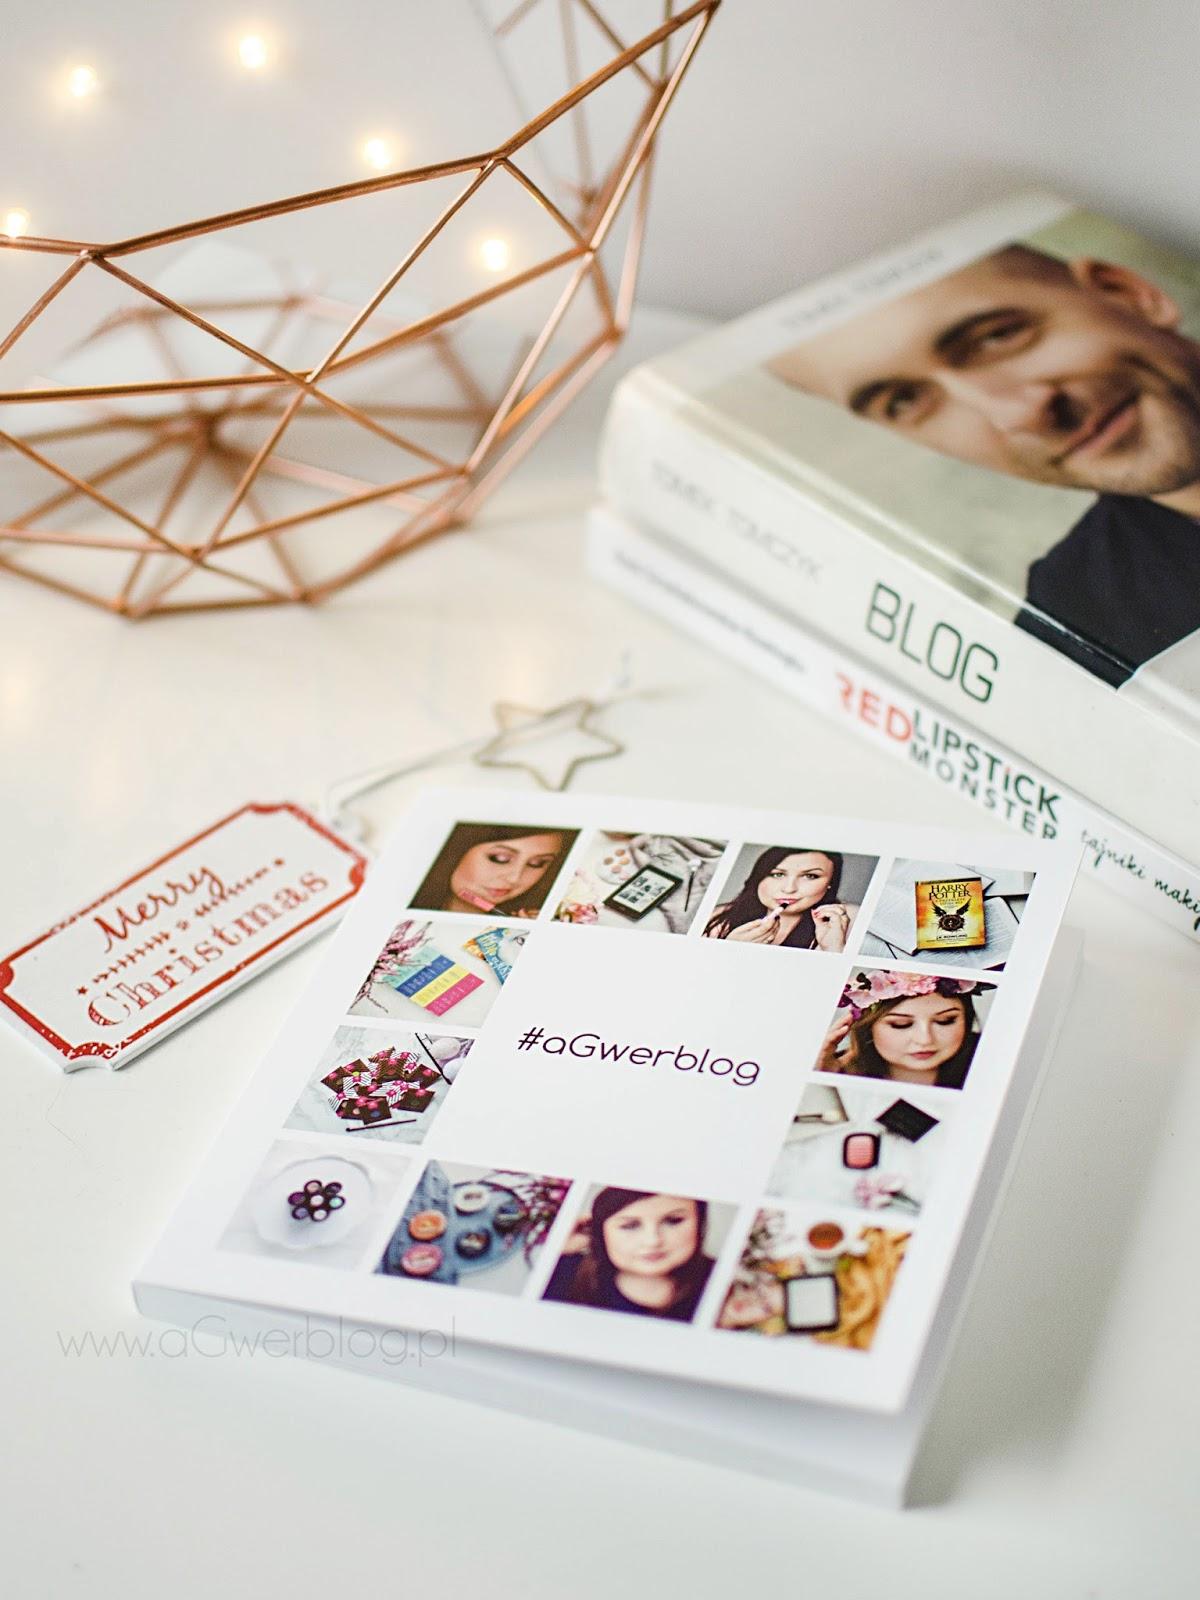 najfajniejsze-prezenty-dla-blogera